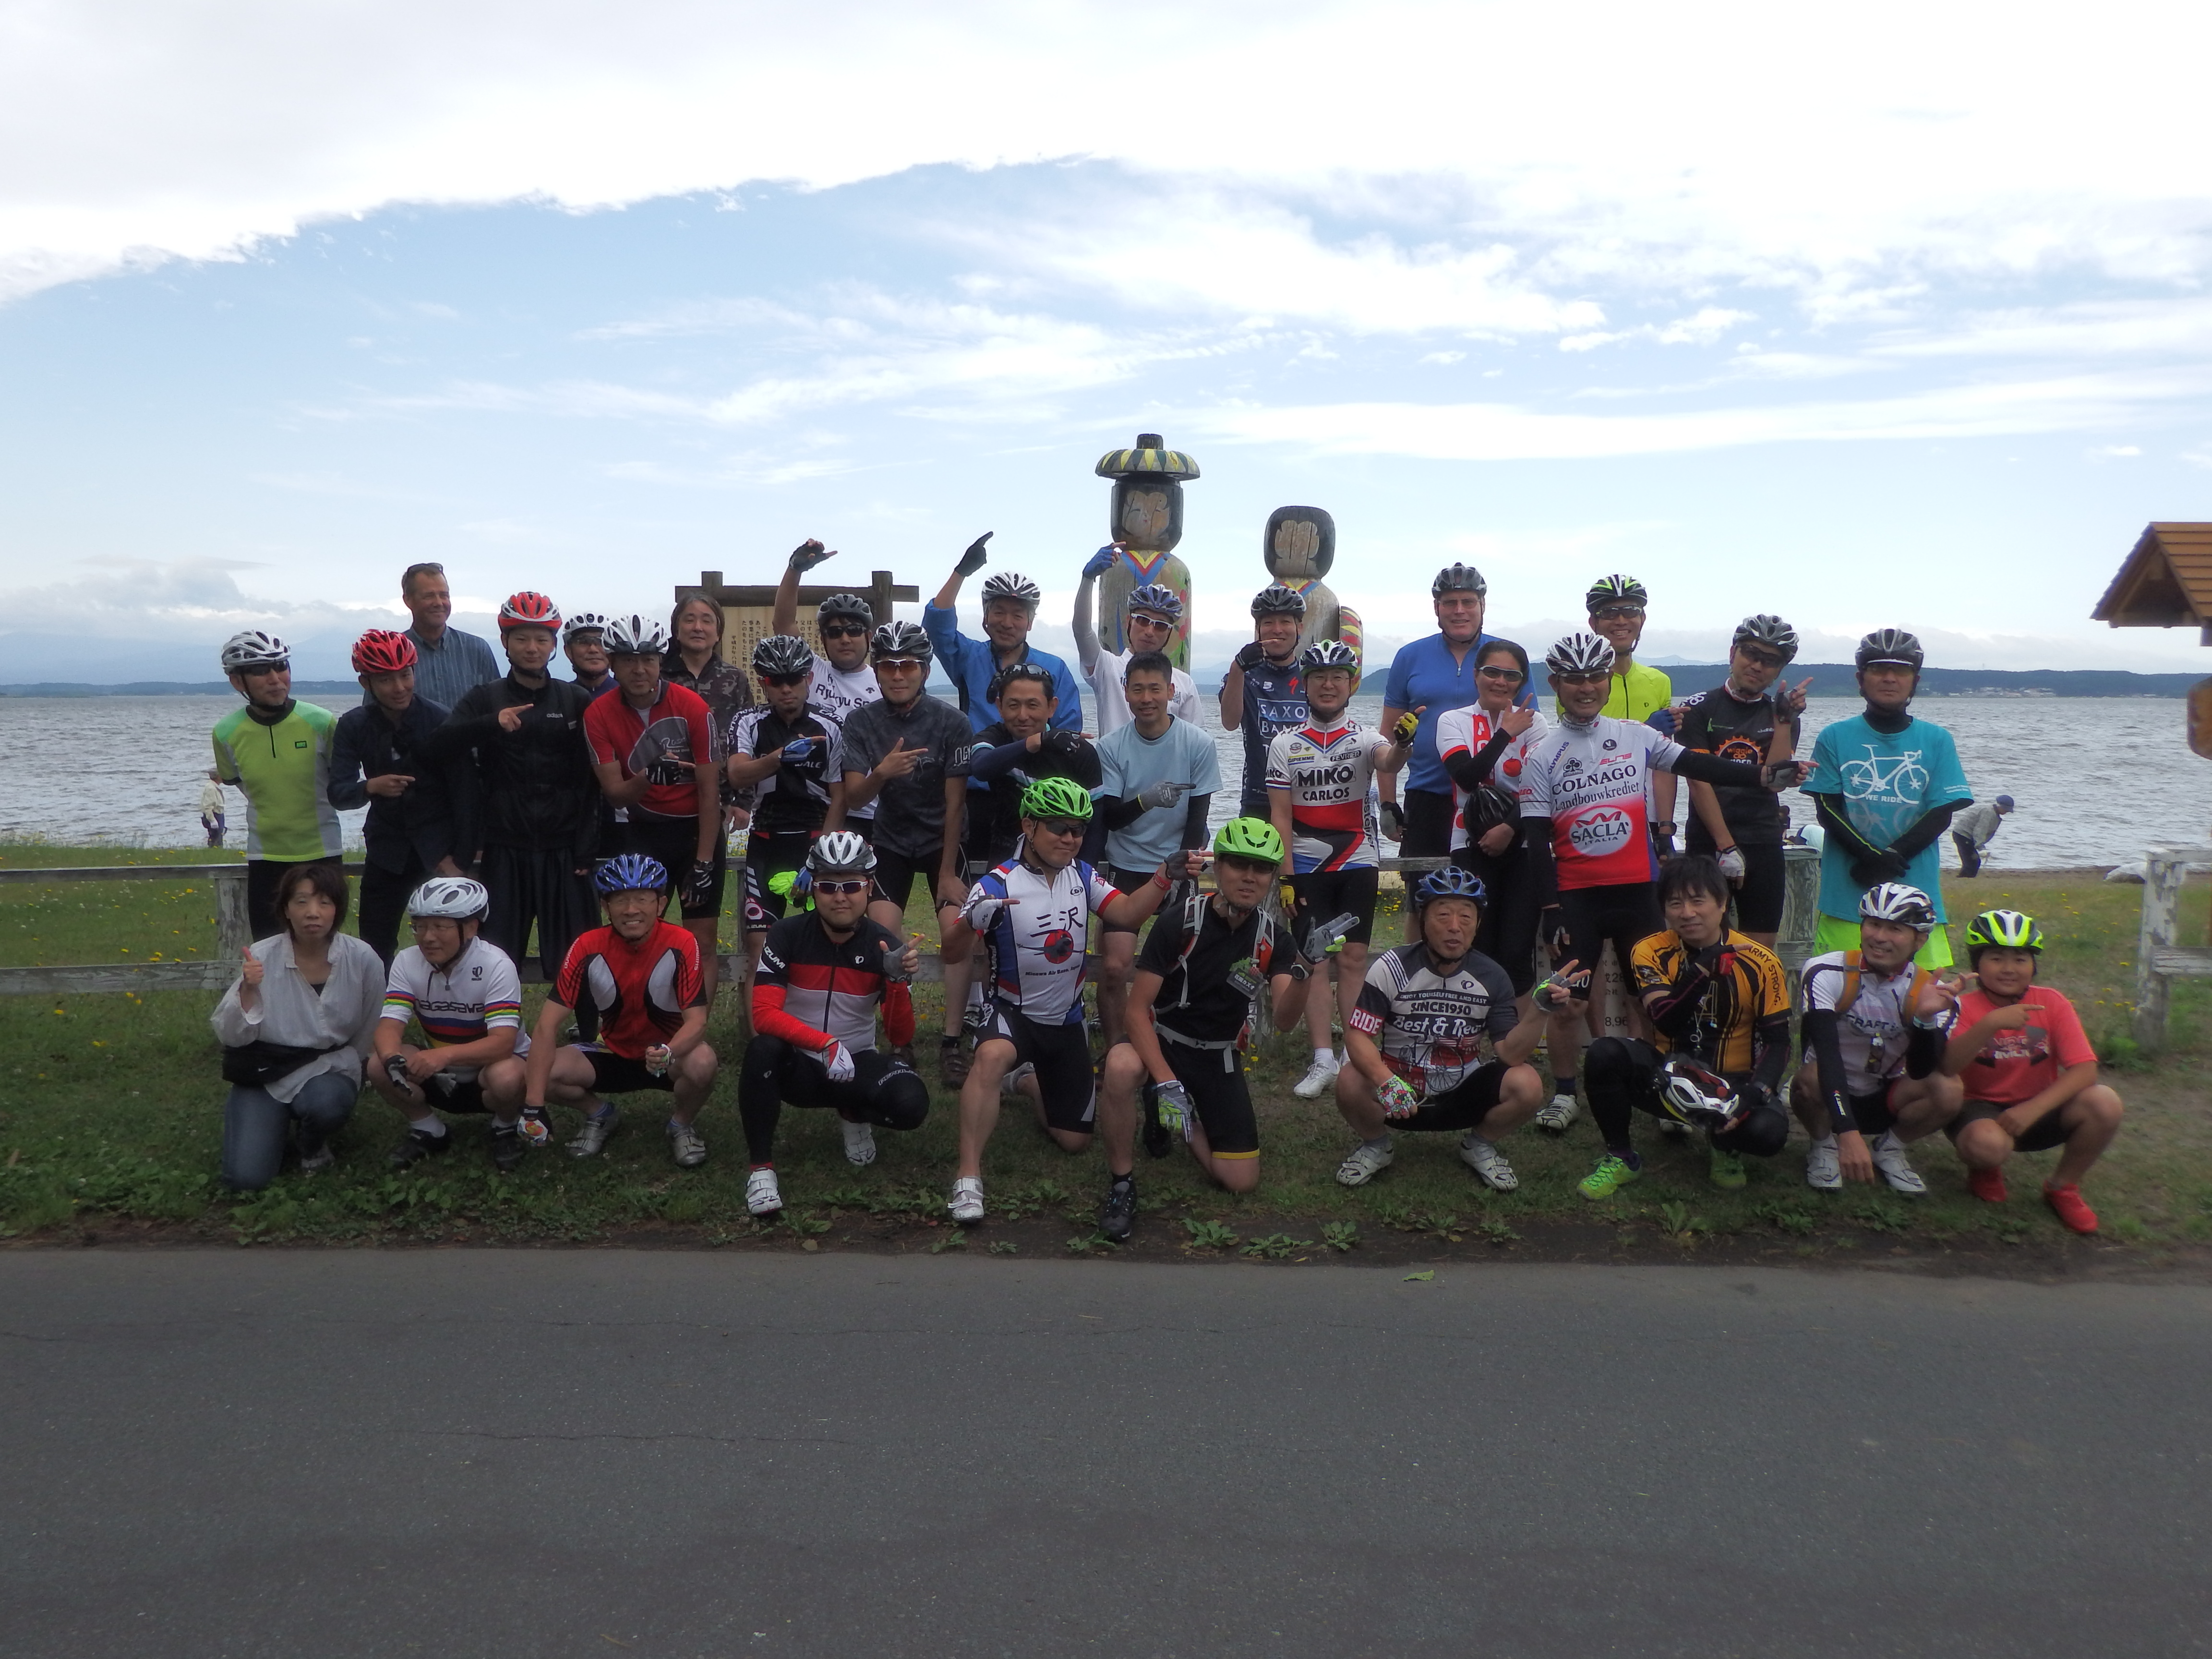 日本国青森県小川原湖一周サイクリング「2017 夏の陣」